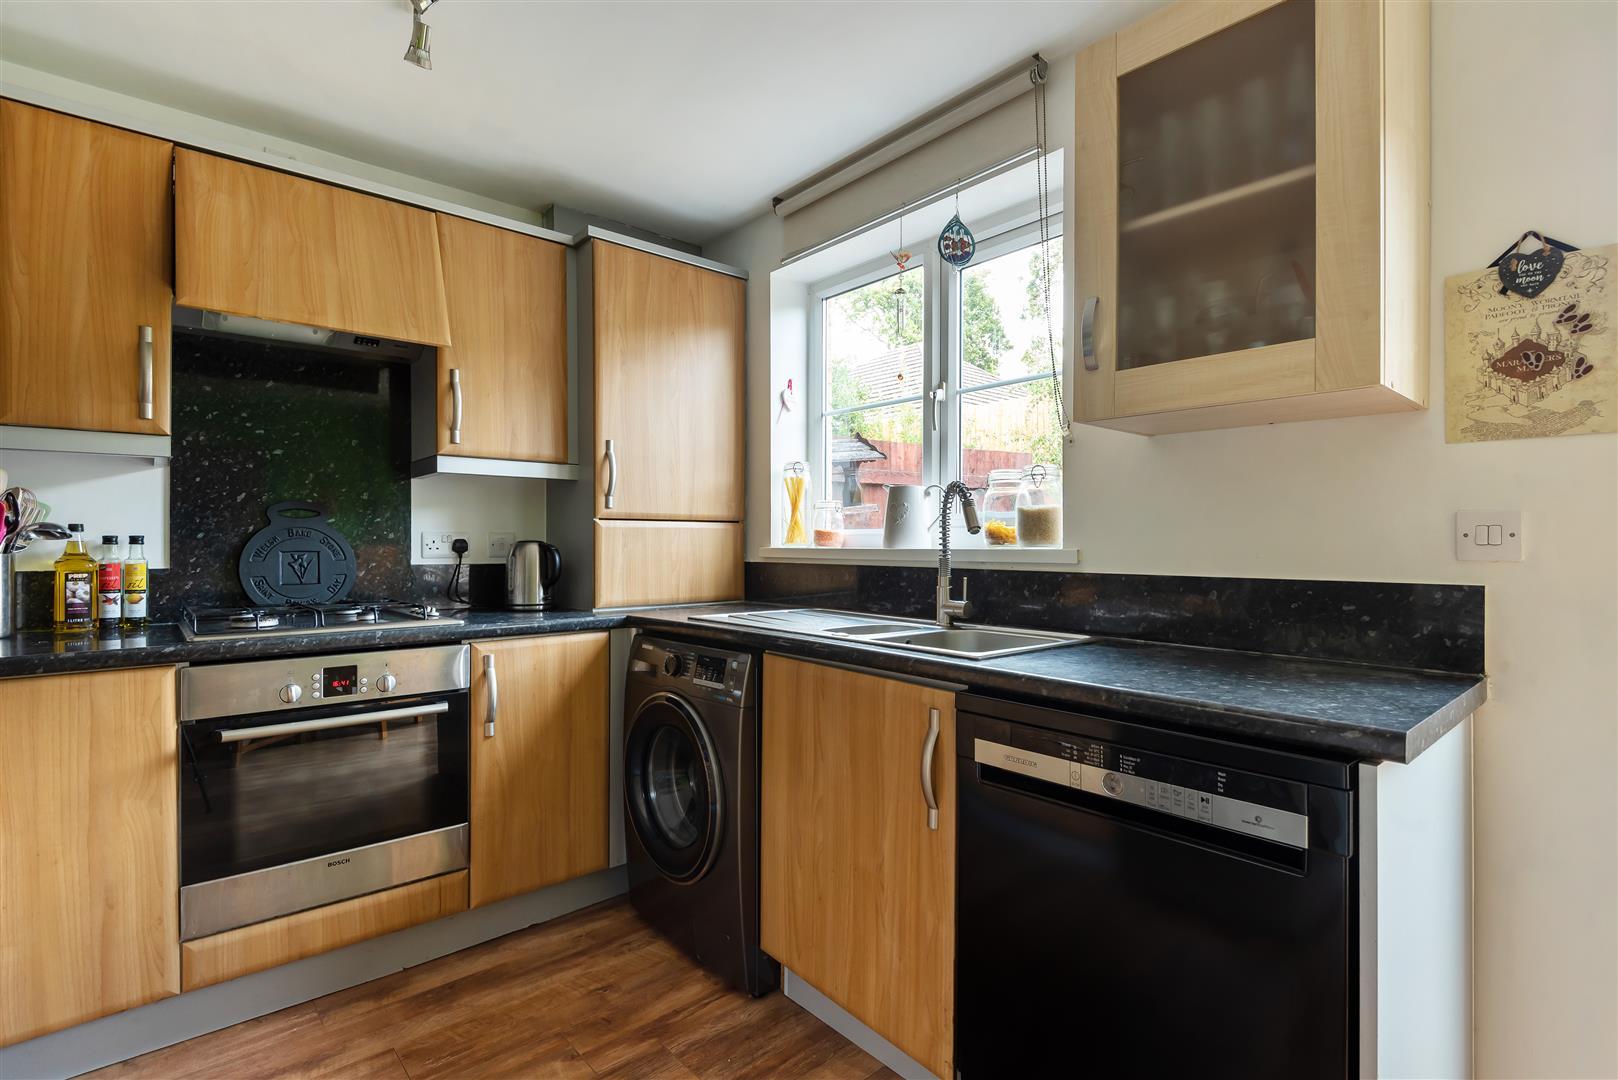 Golwg Y Garn, Penllergaer, Swansea, SA4 9DE